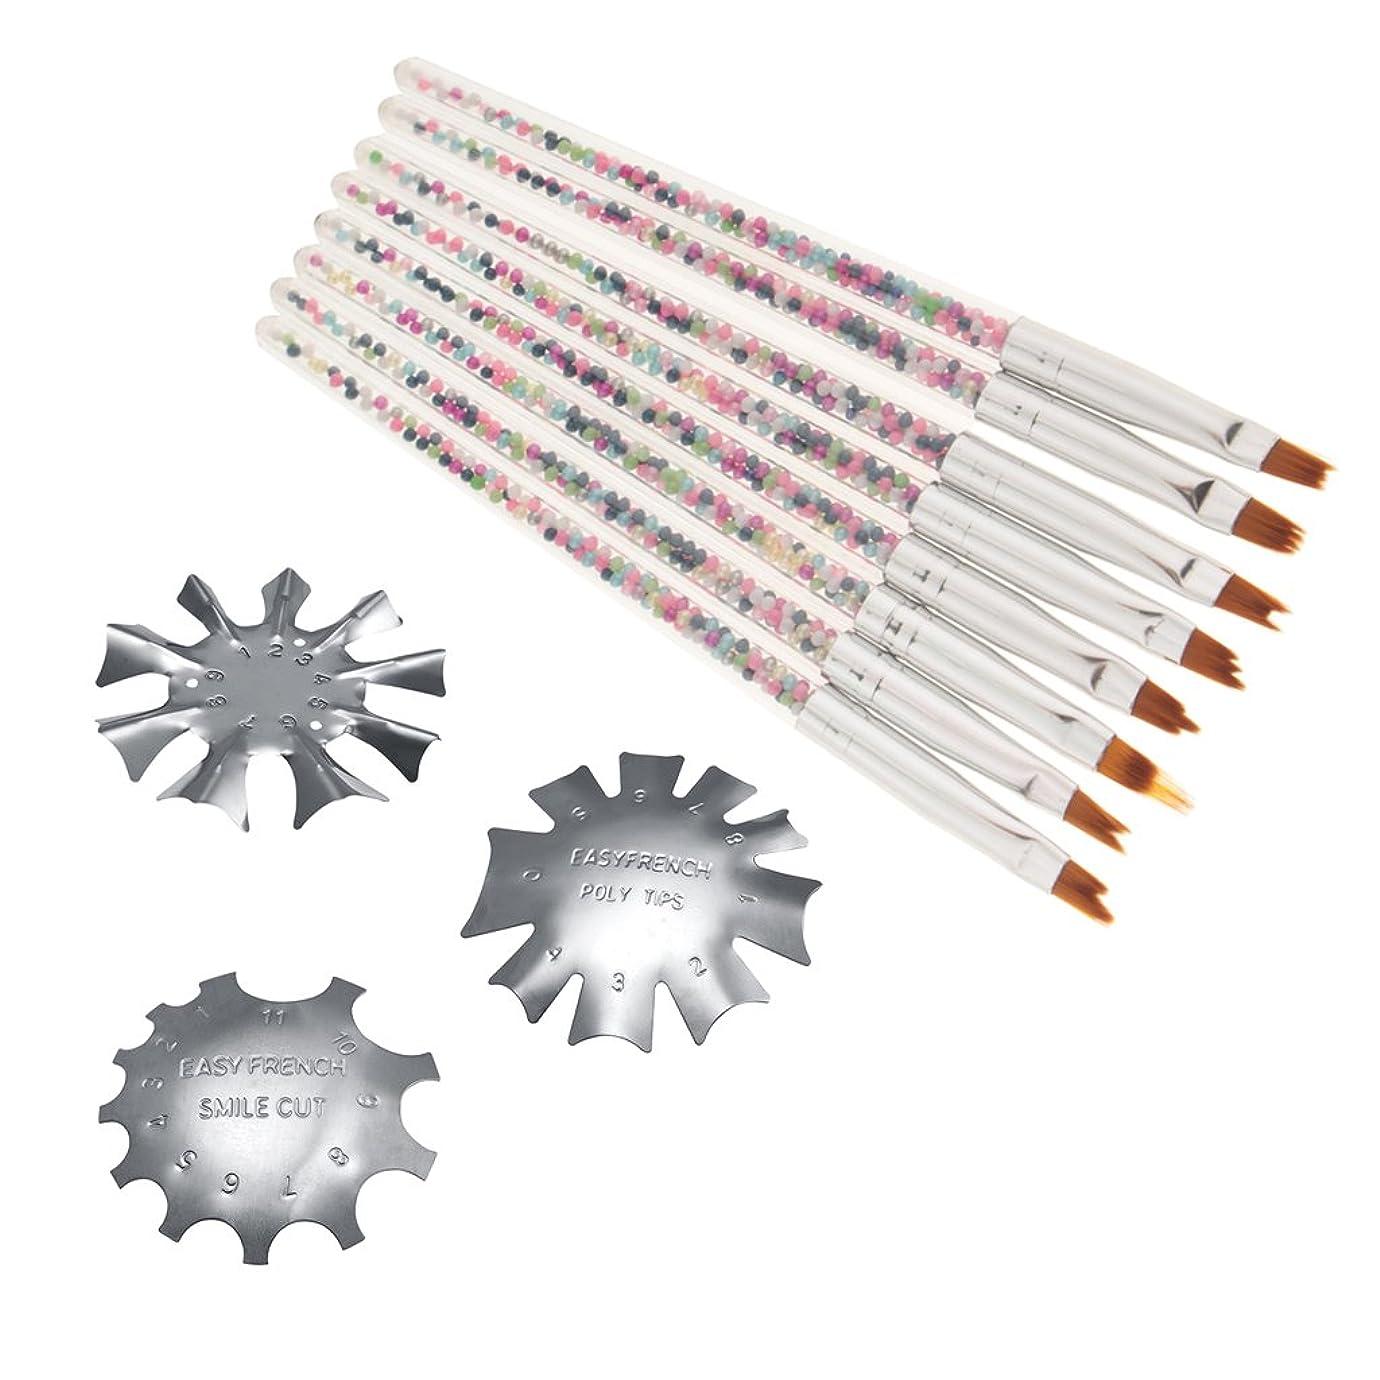 抵抗する流すセグメントSM SunniMix ネイルガイド フランスネイル ネイルブラシ マニキュアブラシ ネイル道具 ネイル用ツール